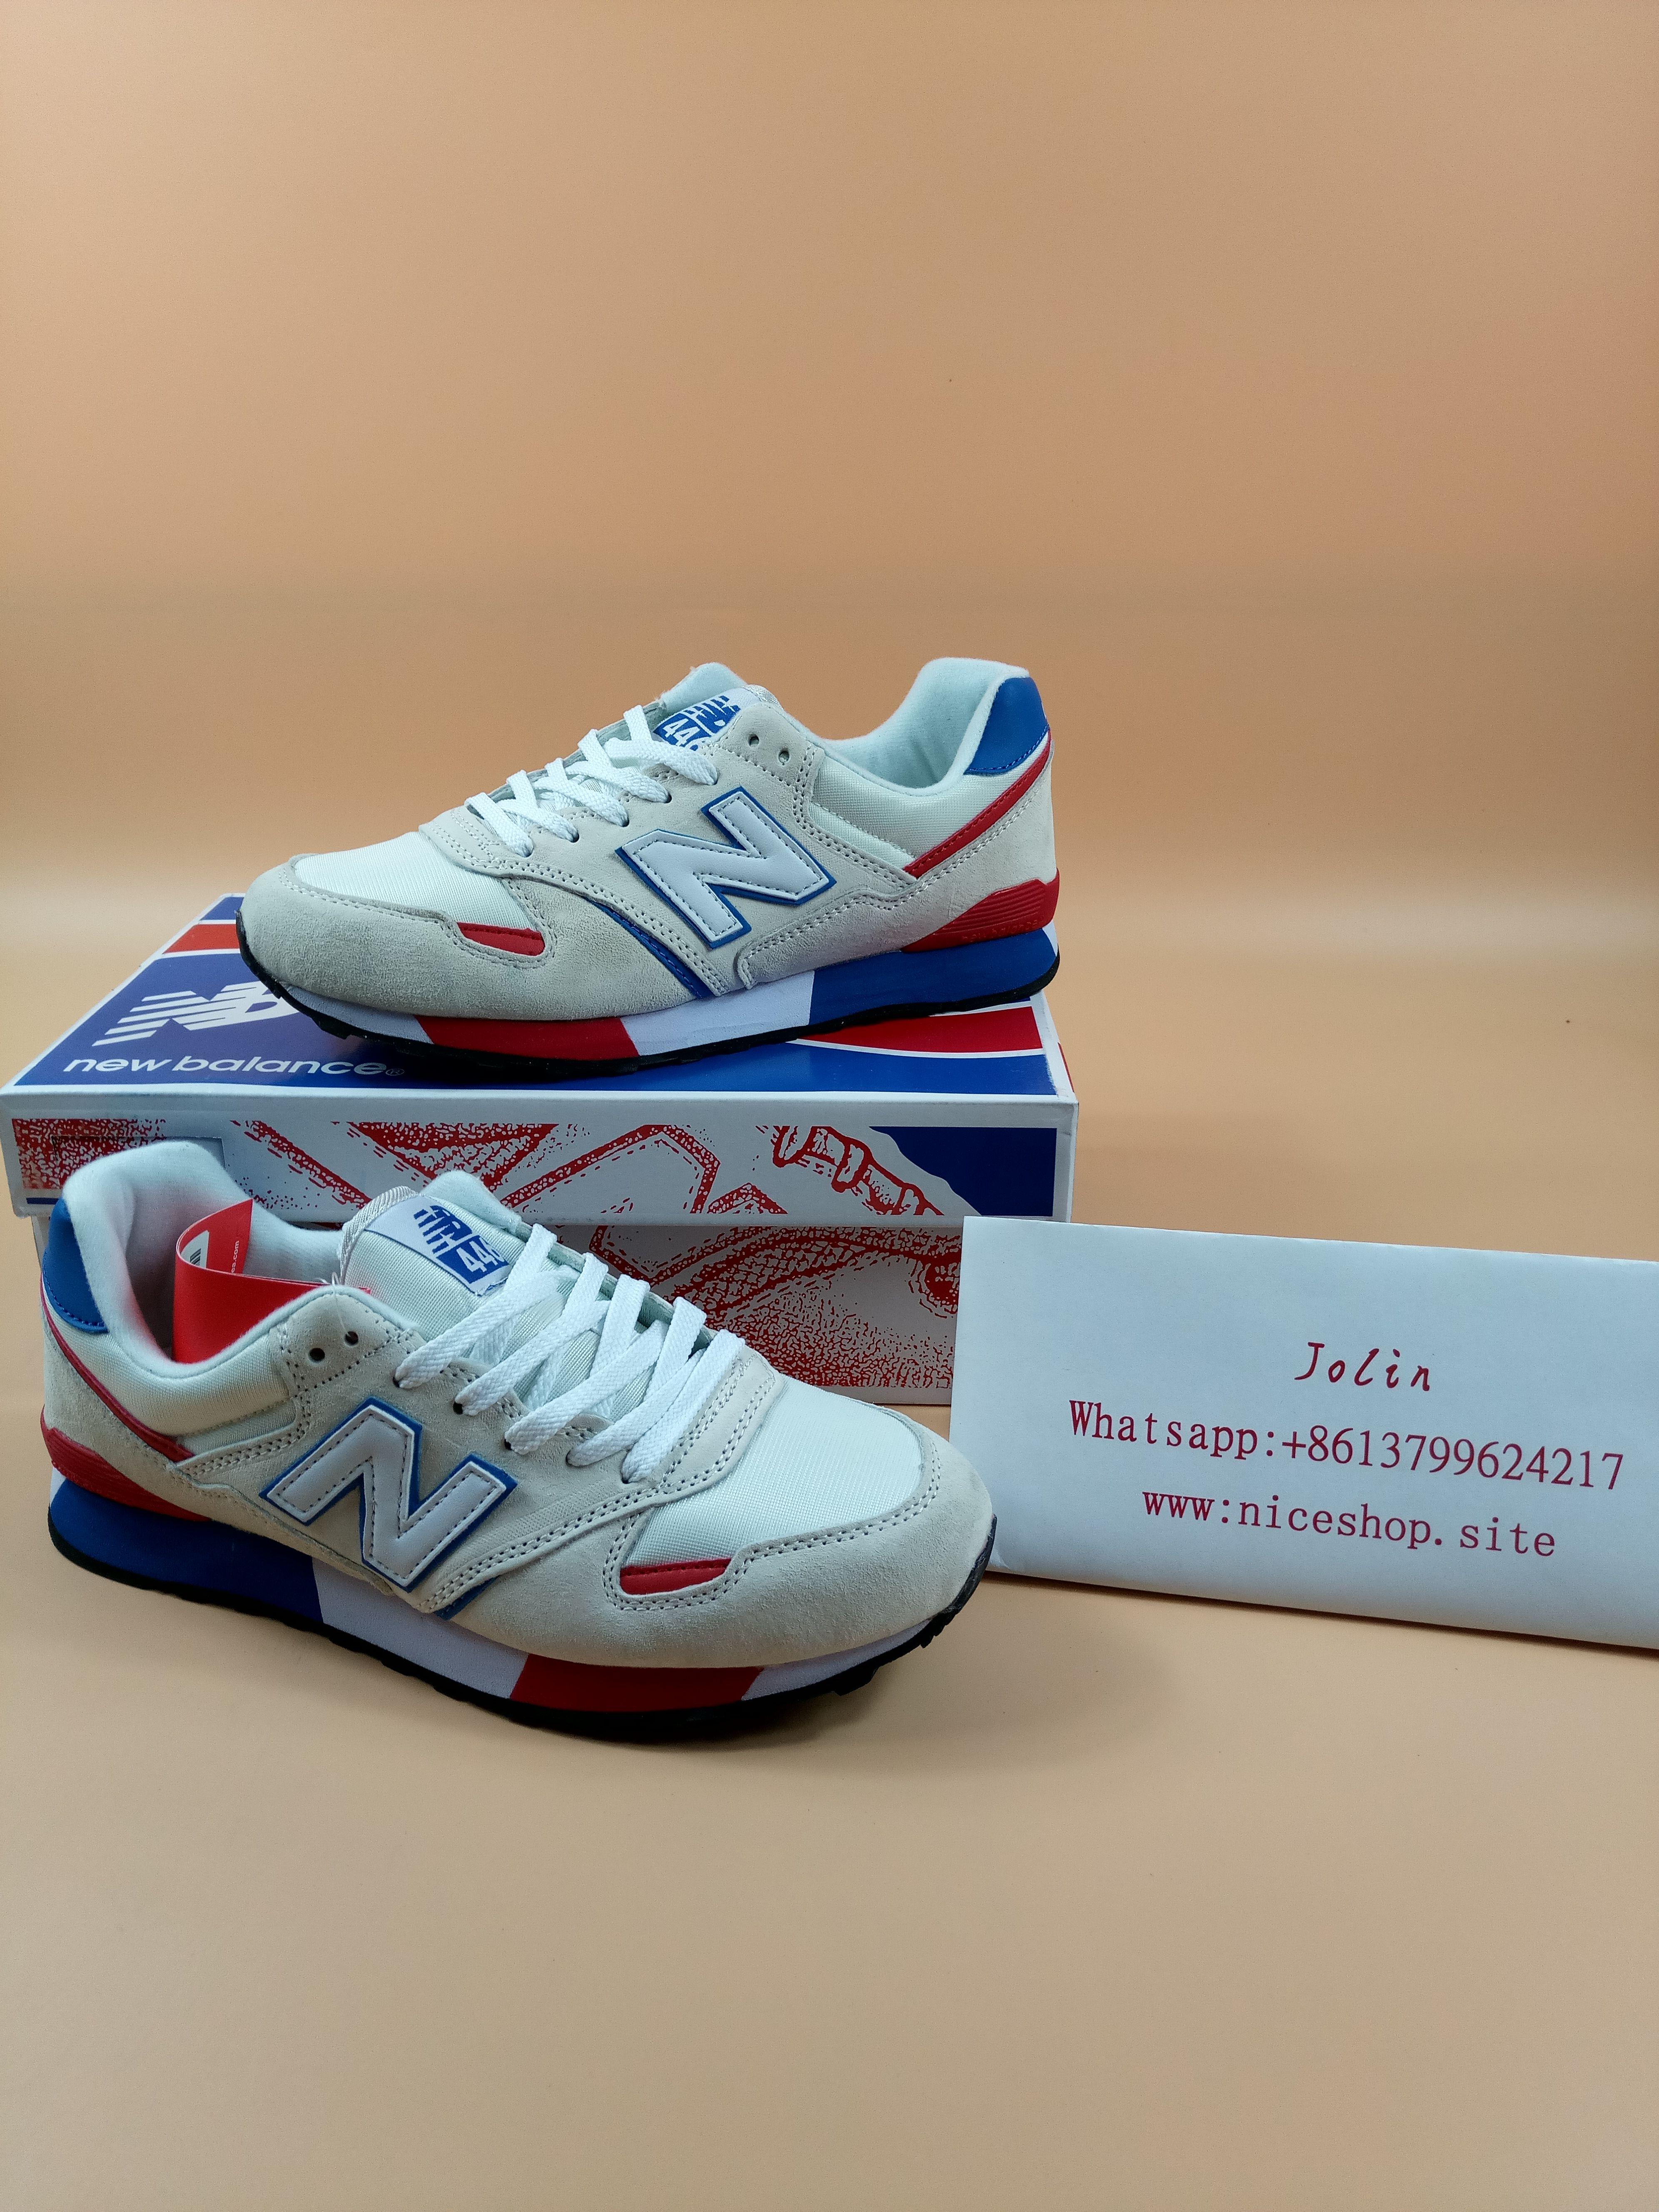 Hola, mi nombre es Jolin, me vienen de China, vendo Nike y Adidas